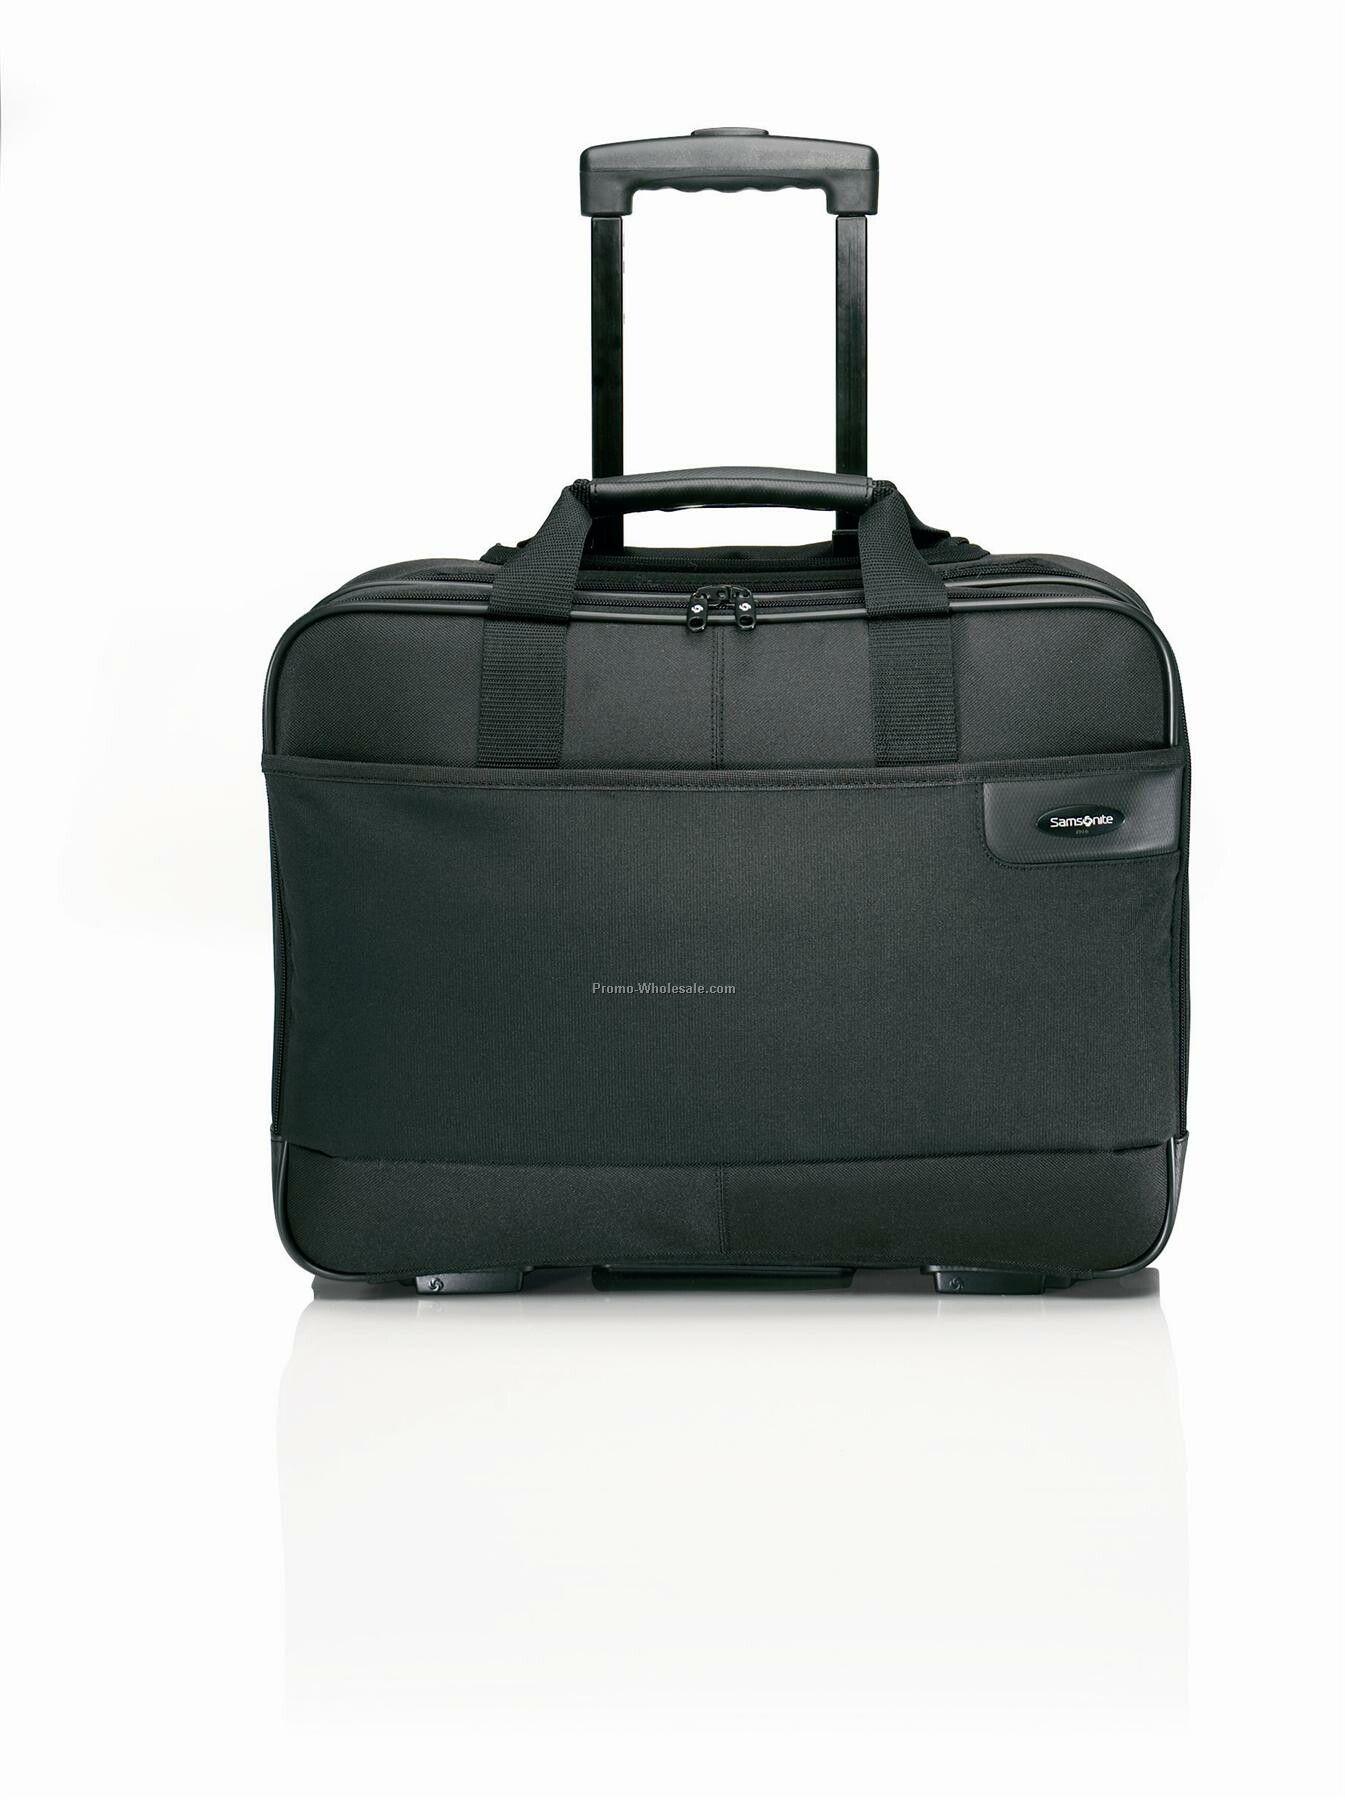 Unity Ict Wheeled Toploader Bag